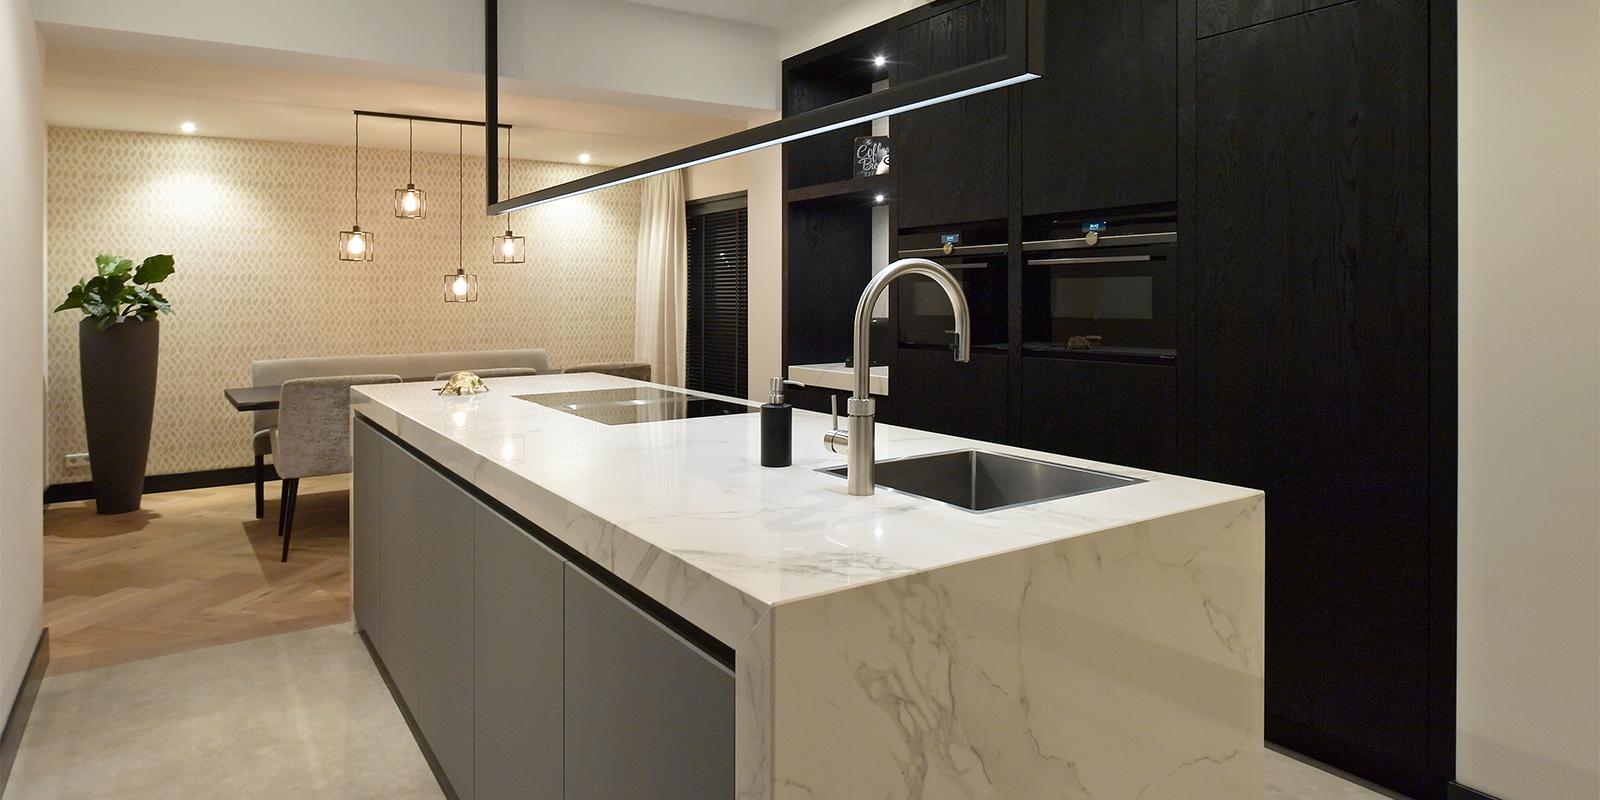 Keuken met marmer, Mamer, Modern interieur, Thomas de Gier, Strakke lijnen